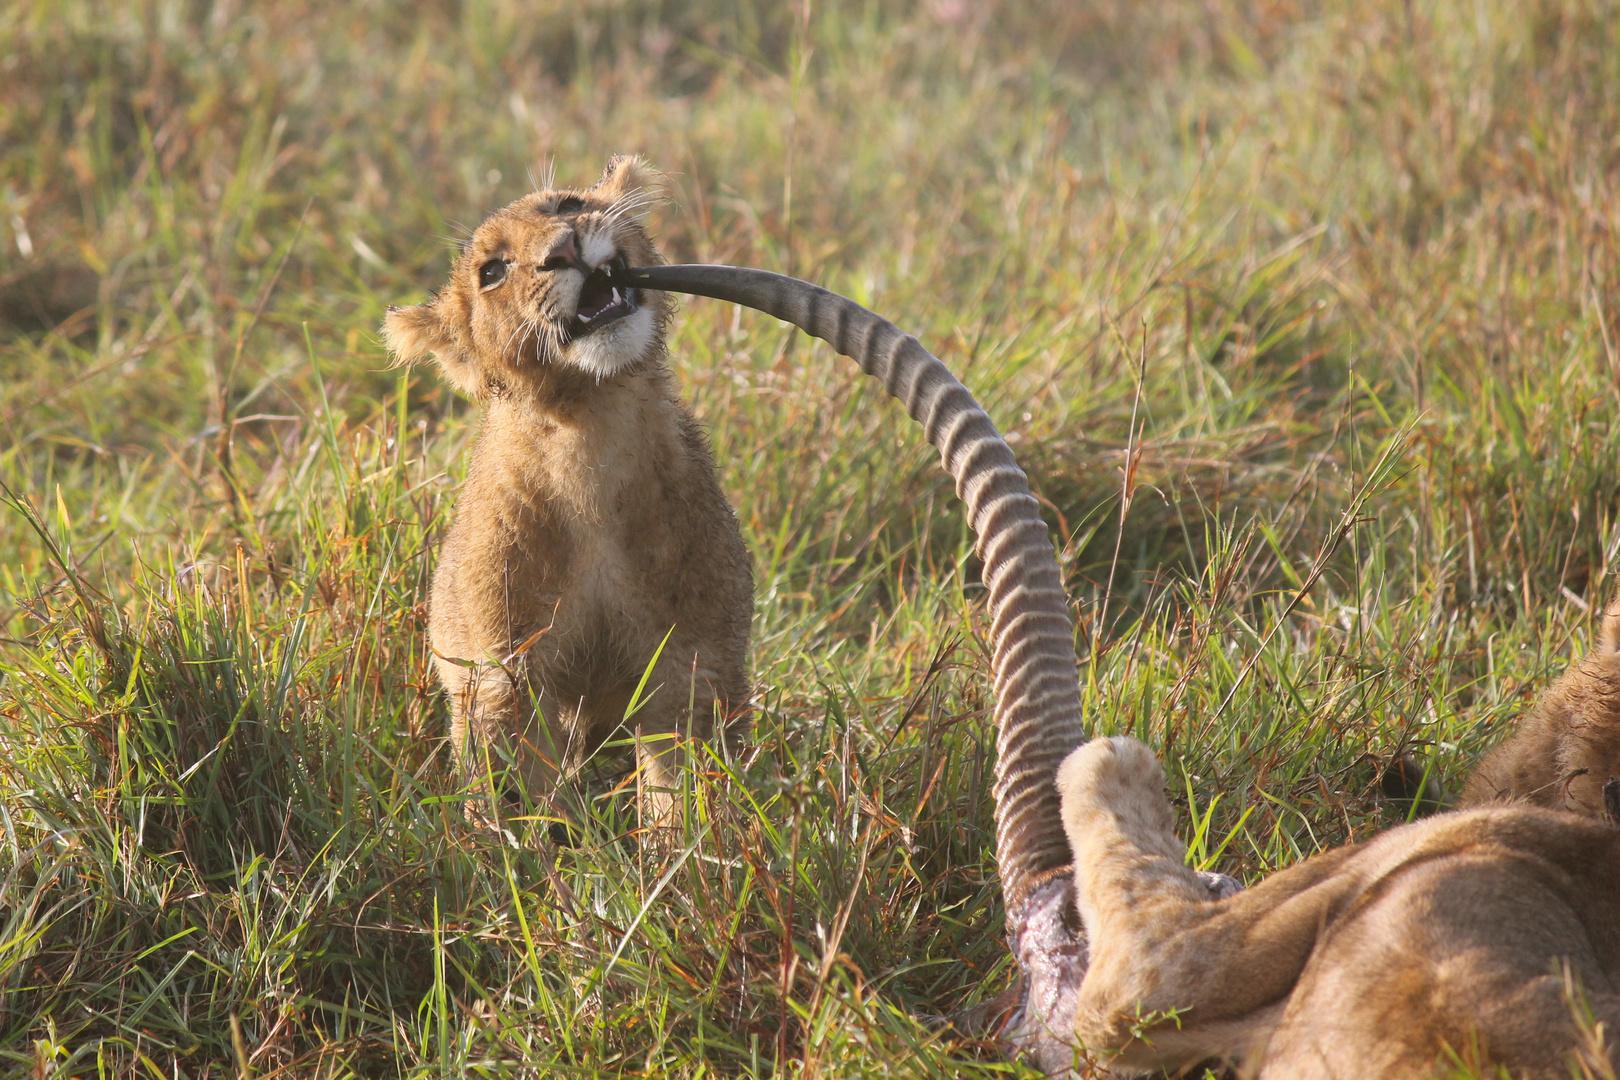 Löwen Masai Mara - Zahnstocher